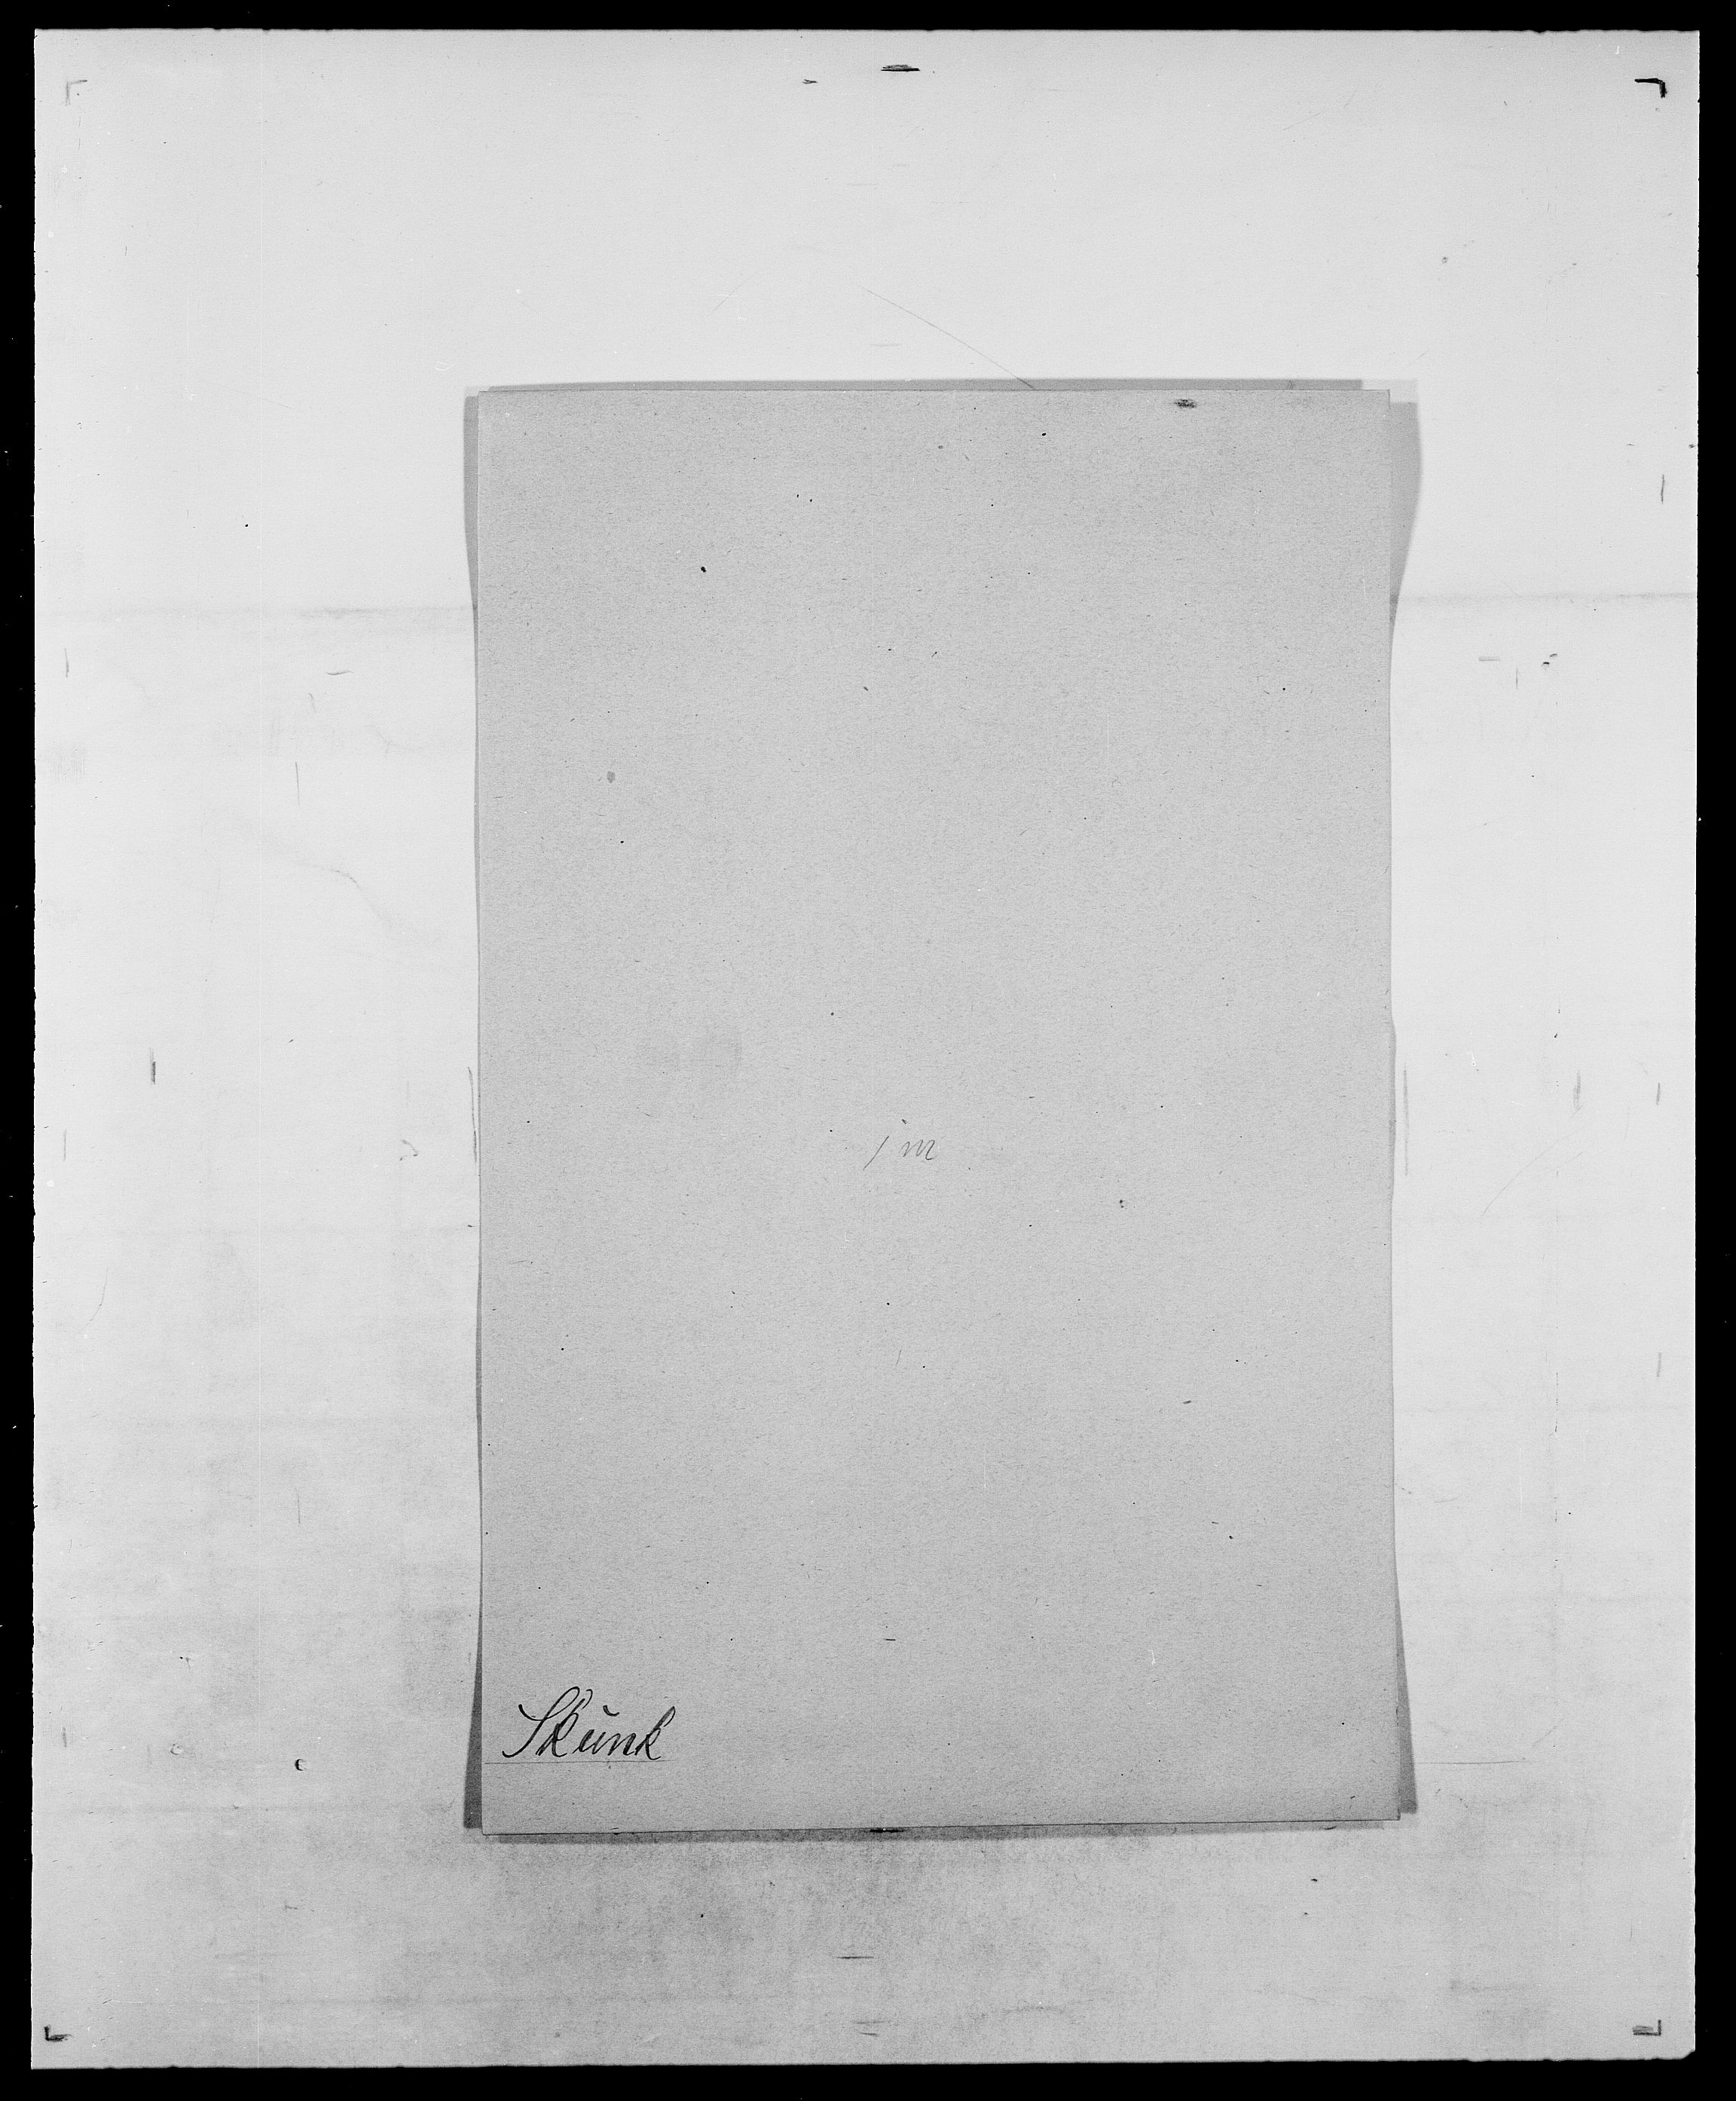 SAO, Delgobe, Charles Antoine - samling, D/Da/L0036: Skaanør - Staverskov, s. 70